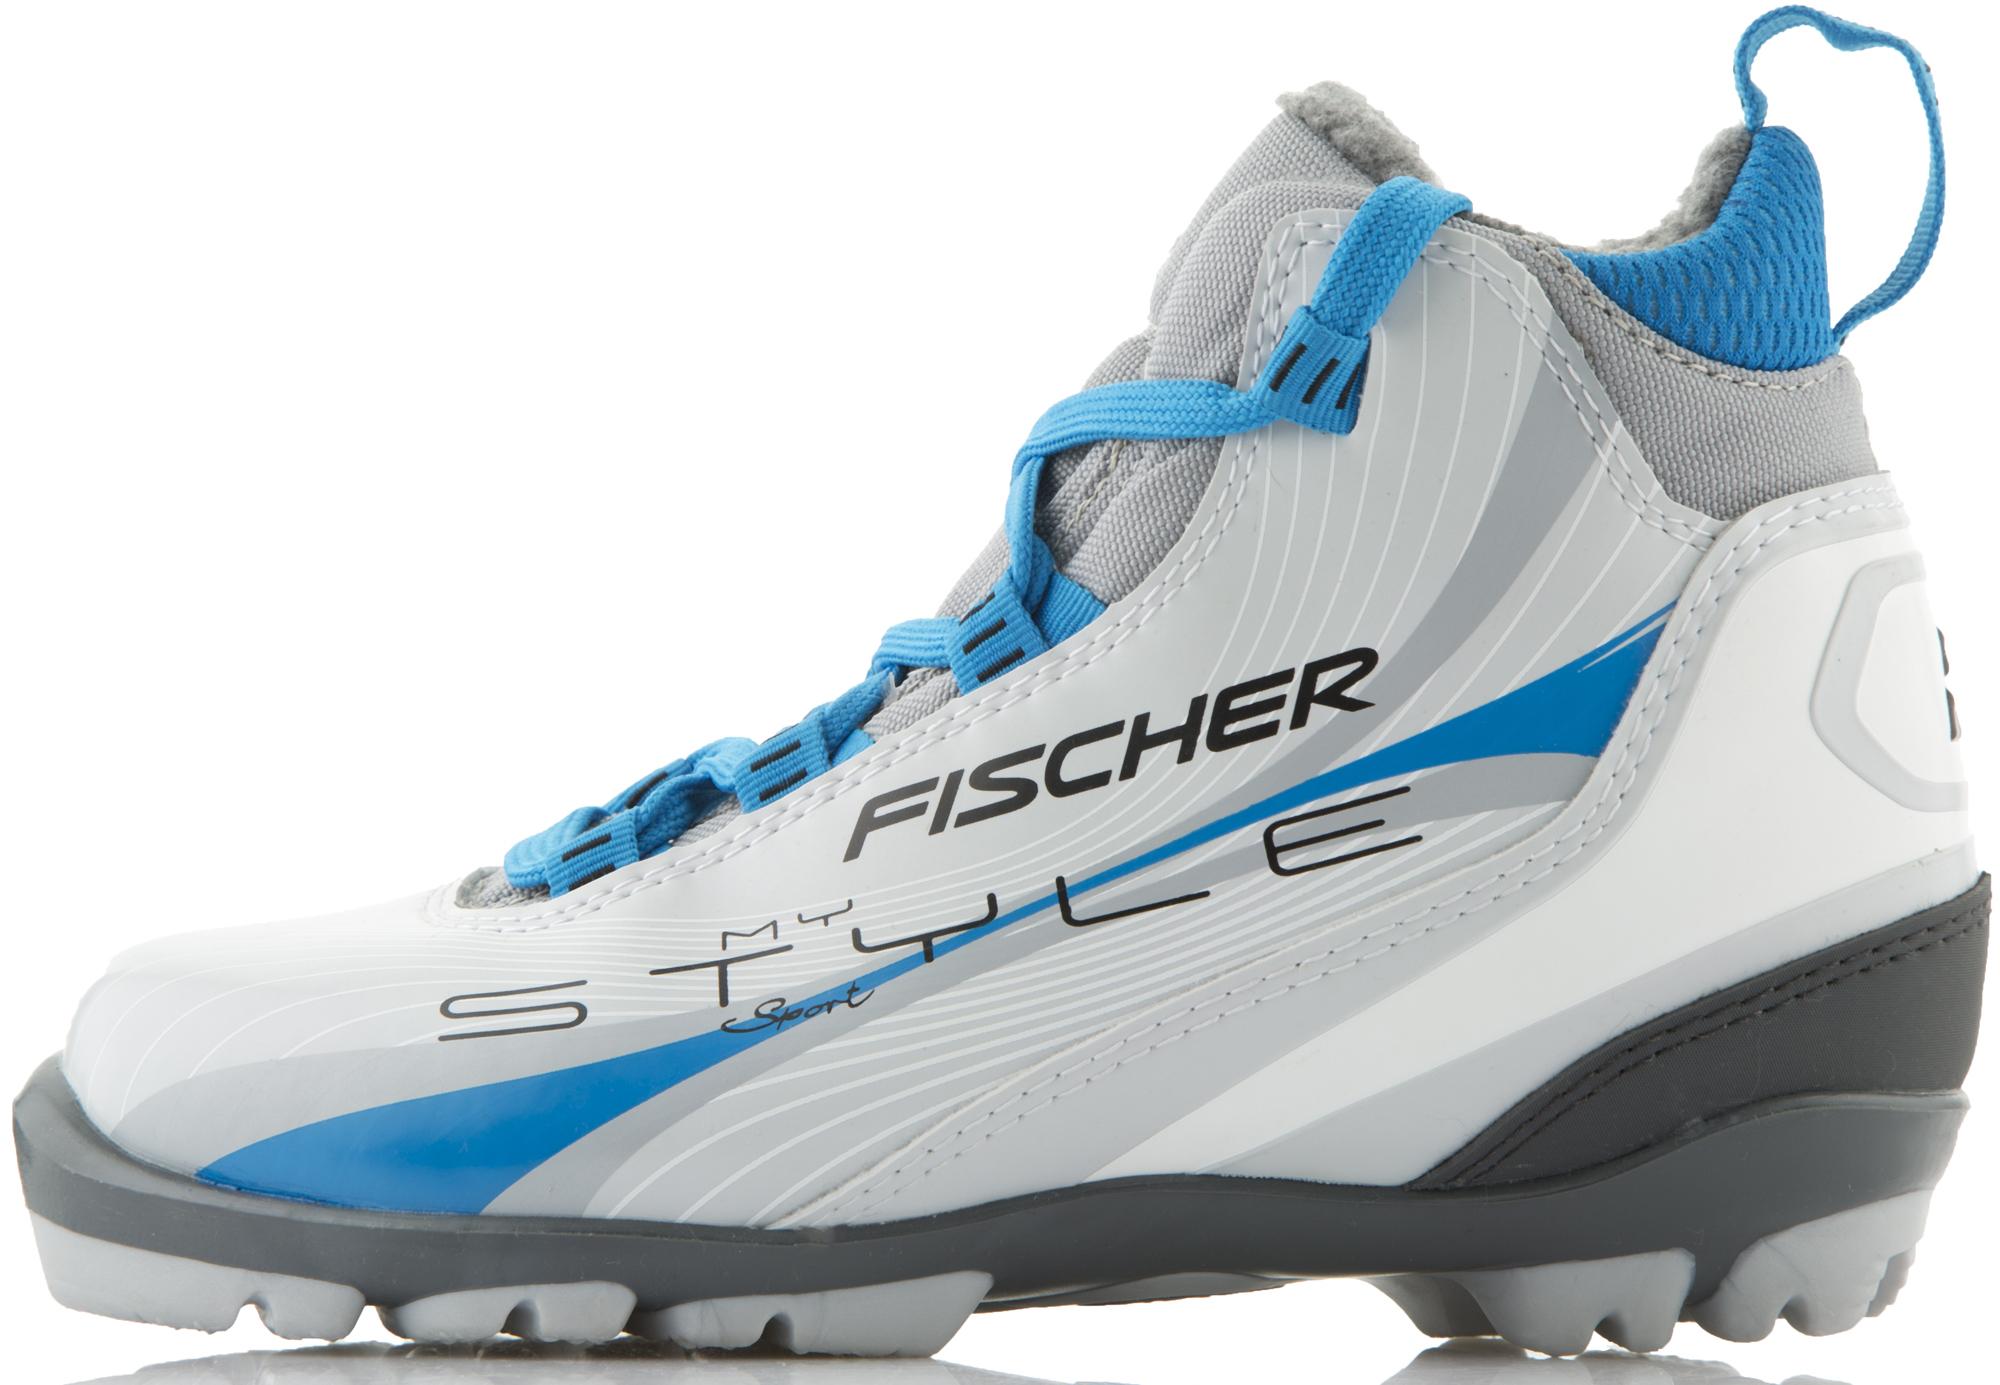 Fischer Ботинки для беговых лыж женские Fischer XC Sport My Style, размер 39 fischer spirit crown my style